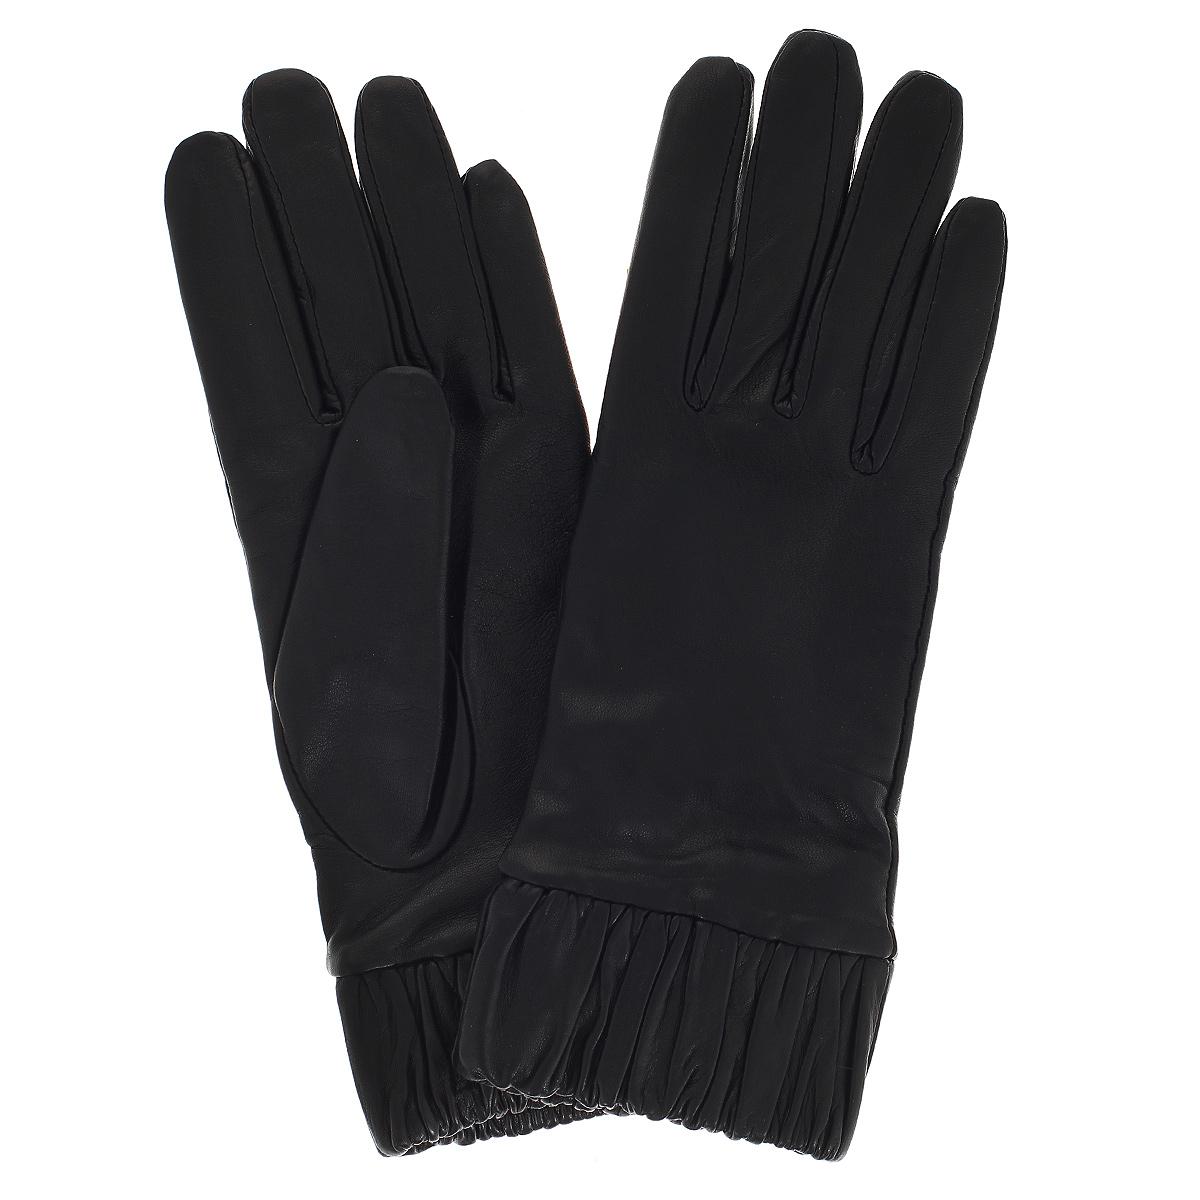 Перчатки женские. K11-OUI - Michel KatanaK11-OUIСтильные перчатки Michel Katana с шерстяной подкладкой выполнены из мягкой и приятной на ощупь натуральной кожи ягненка. Широкие манжеты собраны на резинку и оформлены драпировкой. Перчатки станут достойным элементом вашего стиля и сохранят тепло ваших рук. Это не просто модный аксессуар, но и уникальный авторский стиль, наполненный духом севера Франции.